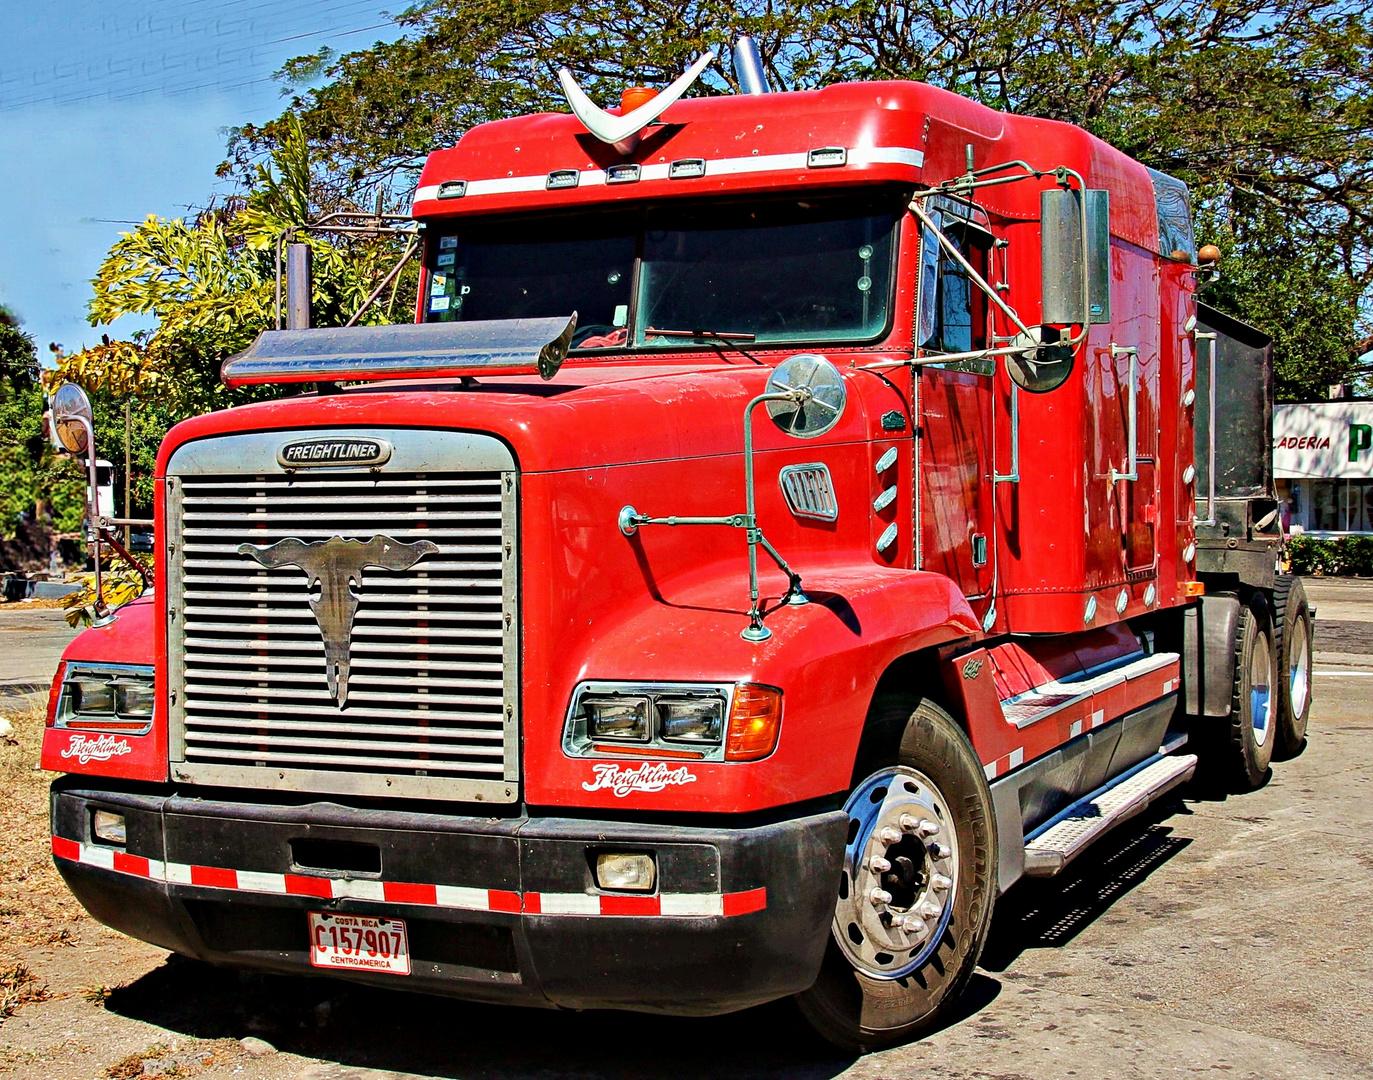 beau comme un camion !